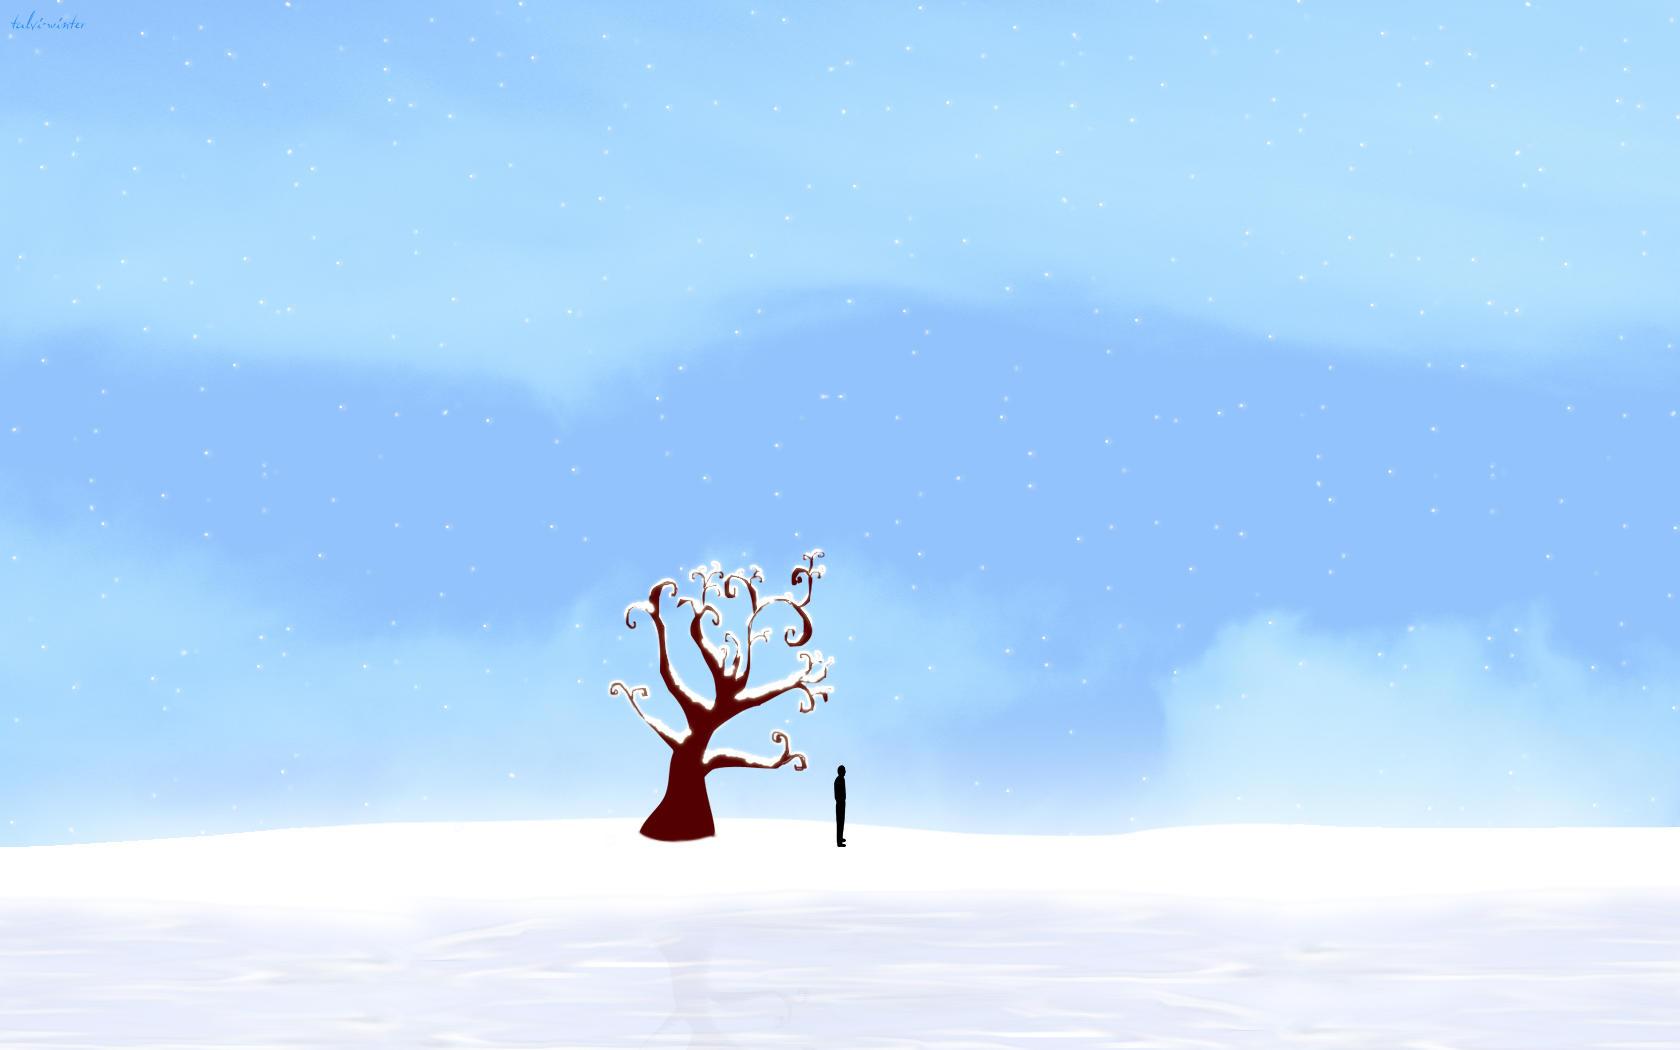 talvi-winter Widescreen by daewoniii